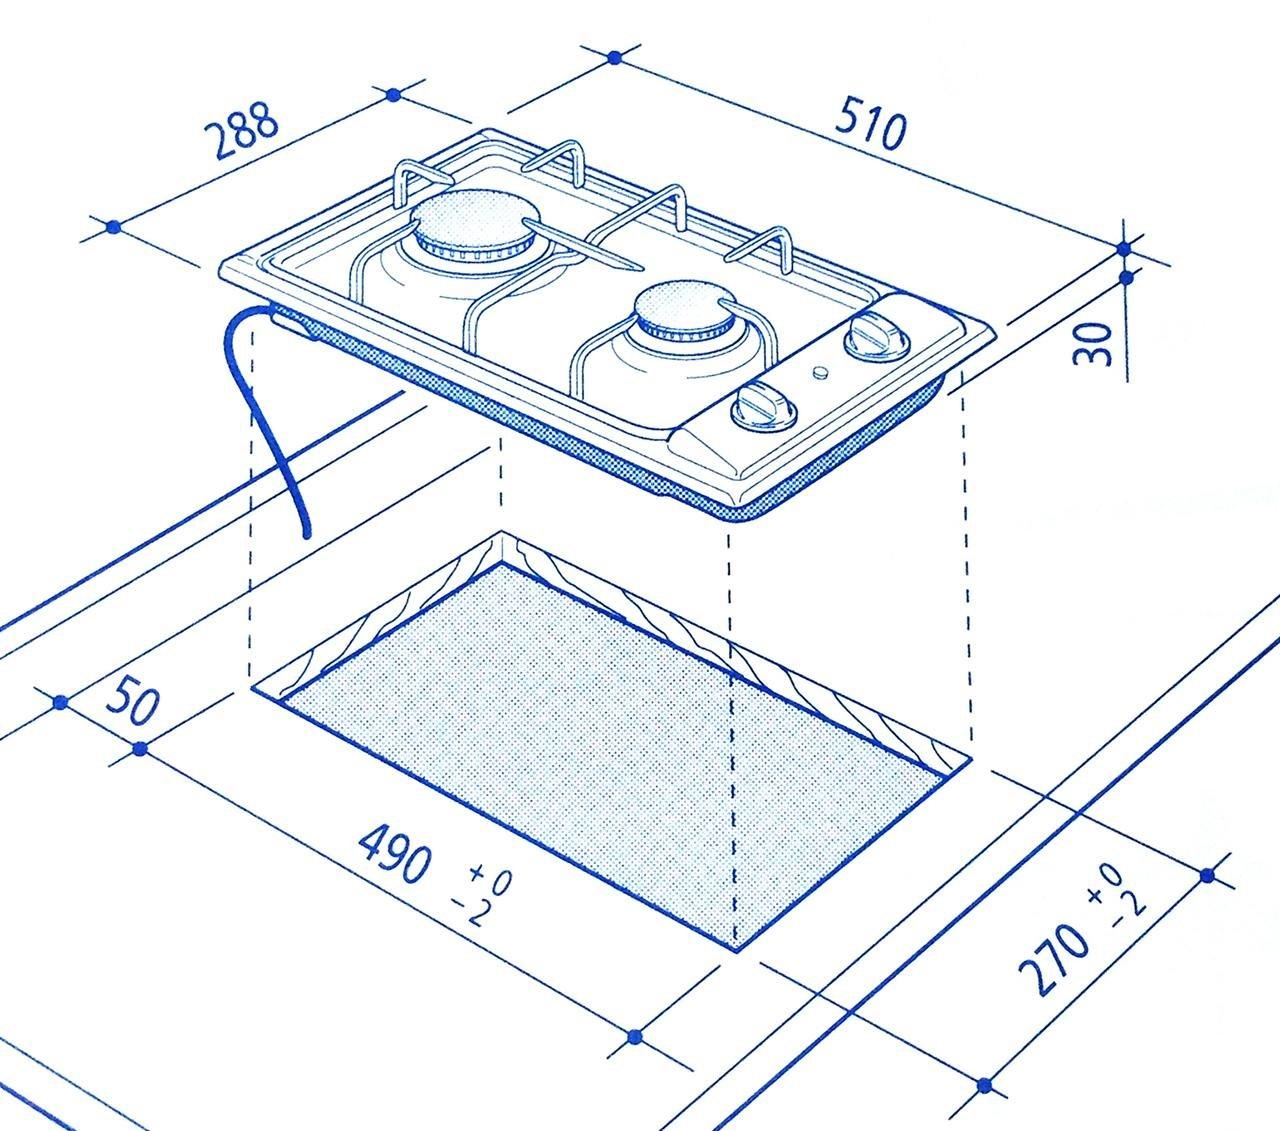 Piano cottura da incasso 30 cm Domino, Bianco, 2 fuochi a gas, De ...